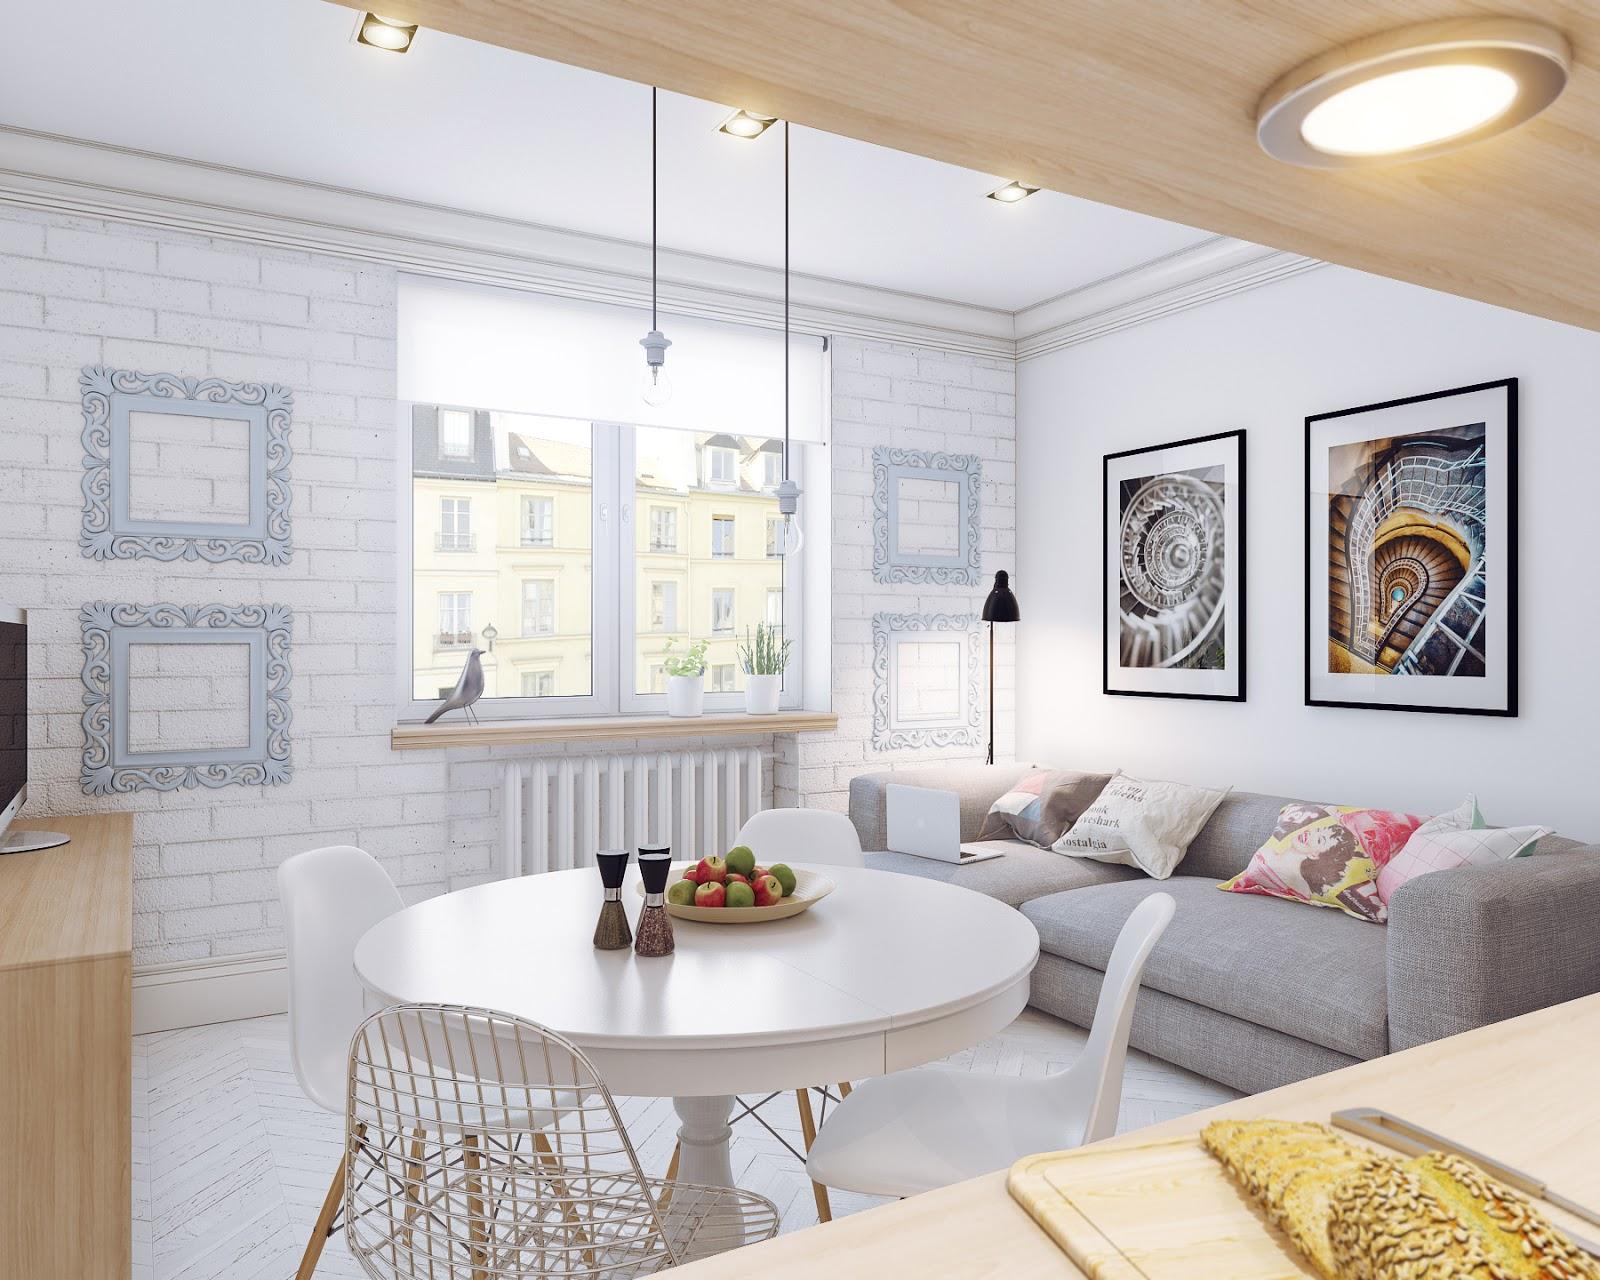 Arredare soggiorno pranzo in vendita in arredamento e casalinghi: Small Open Plan Home Interiors